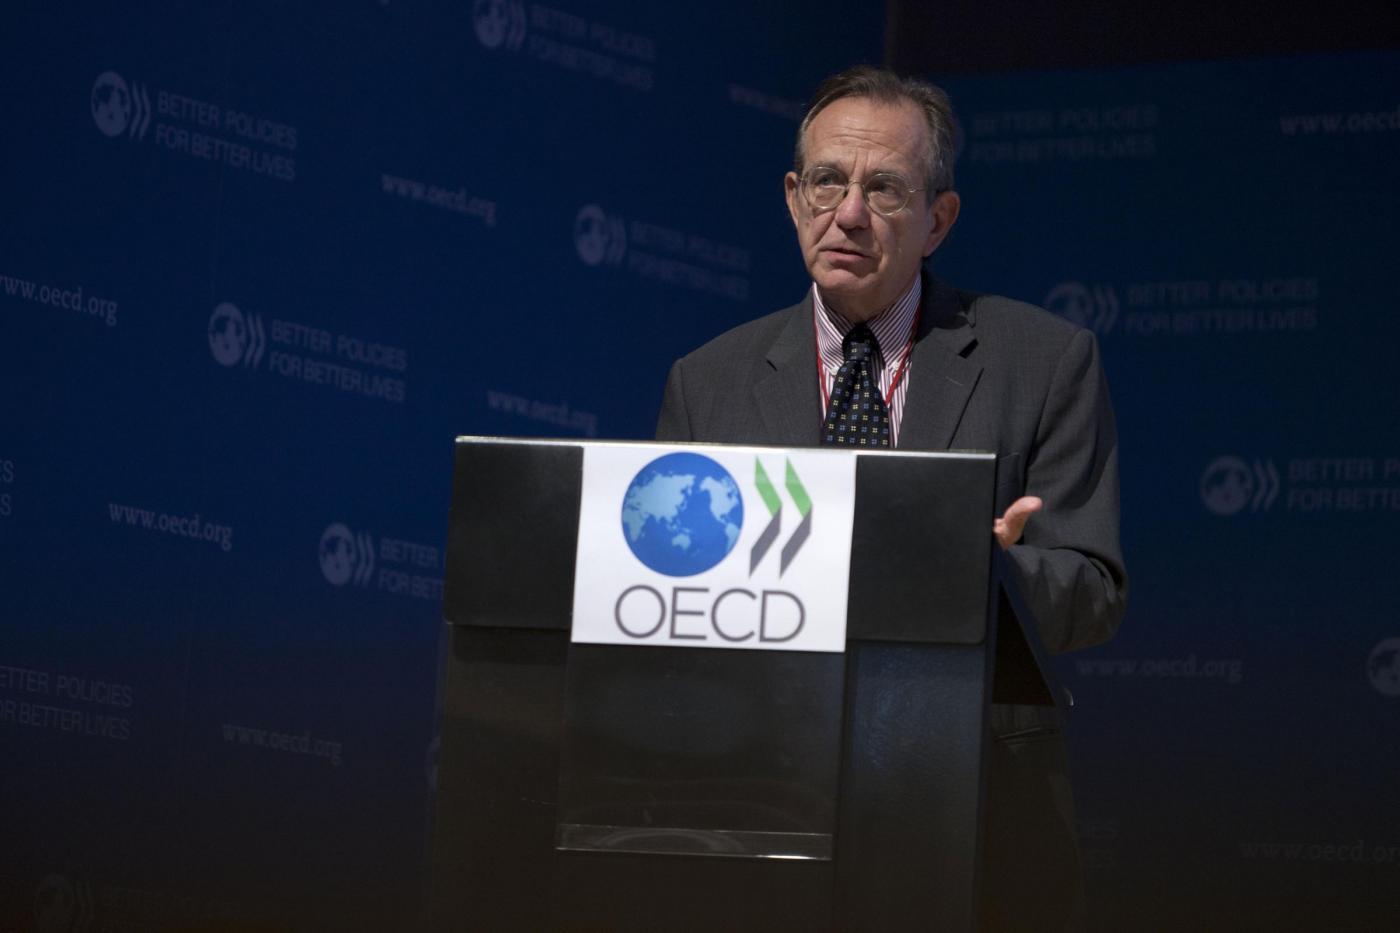 Chi è Pier Carlo Padoan, nuovo ministro dell'Economia